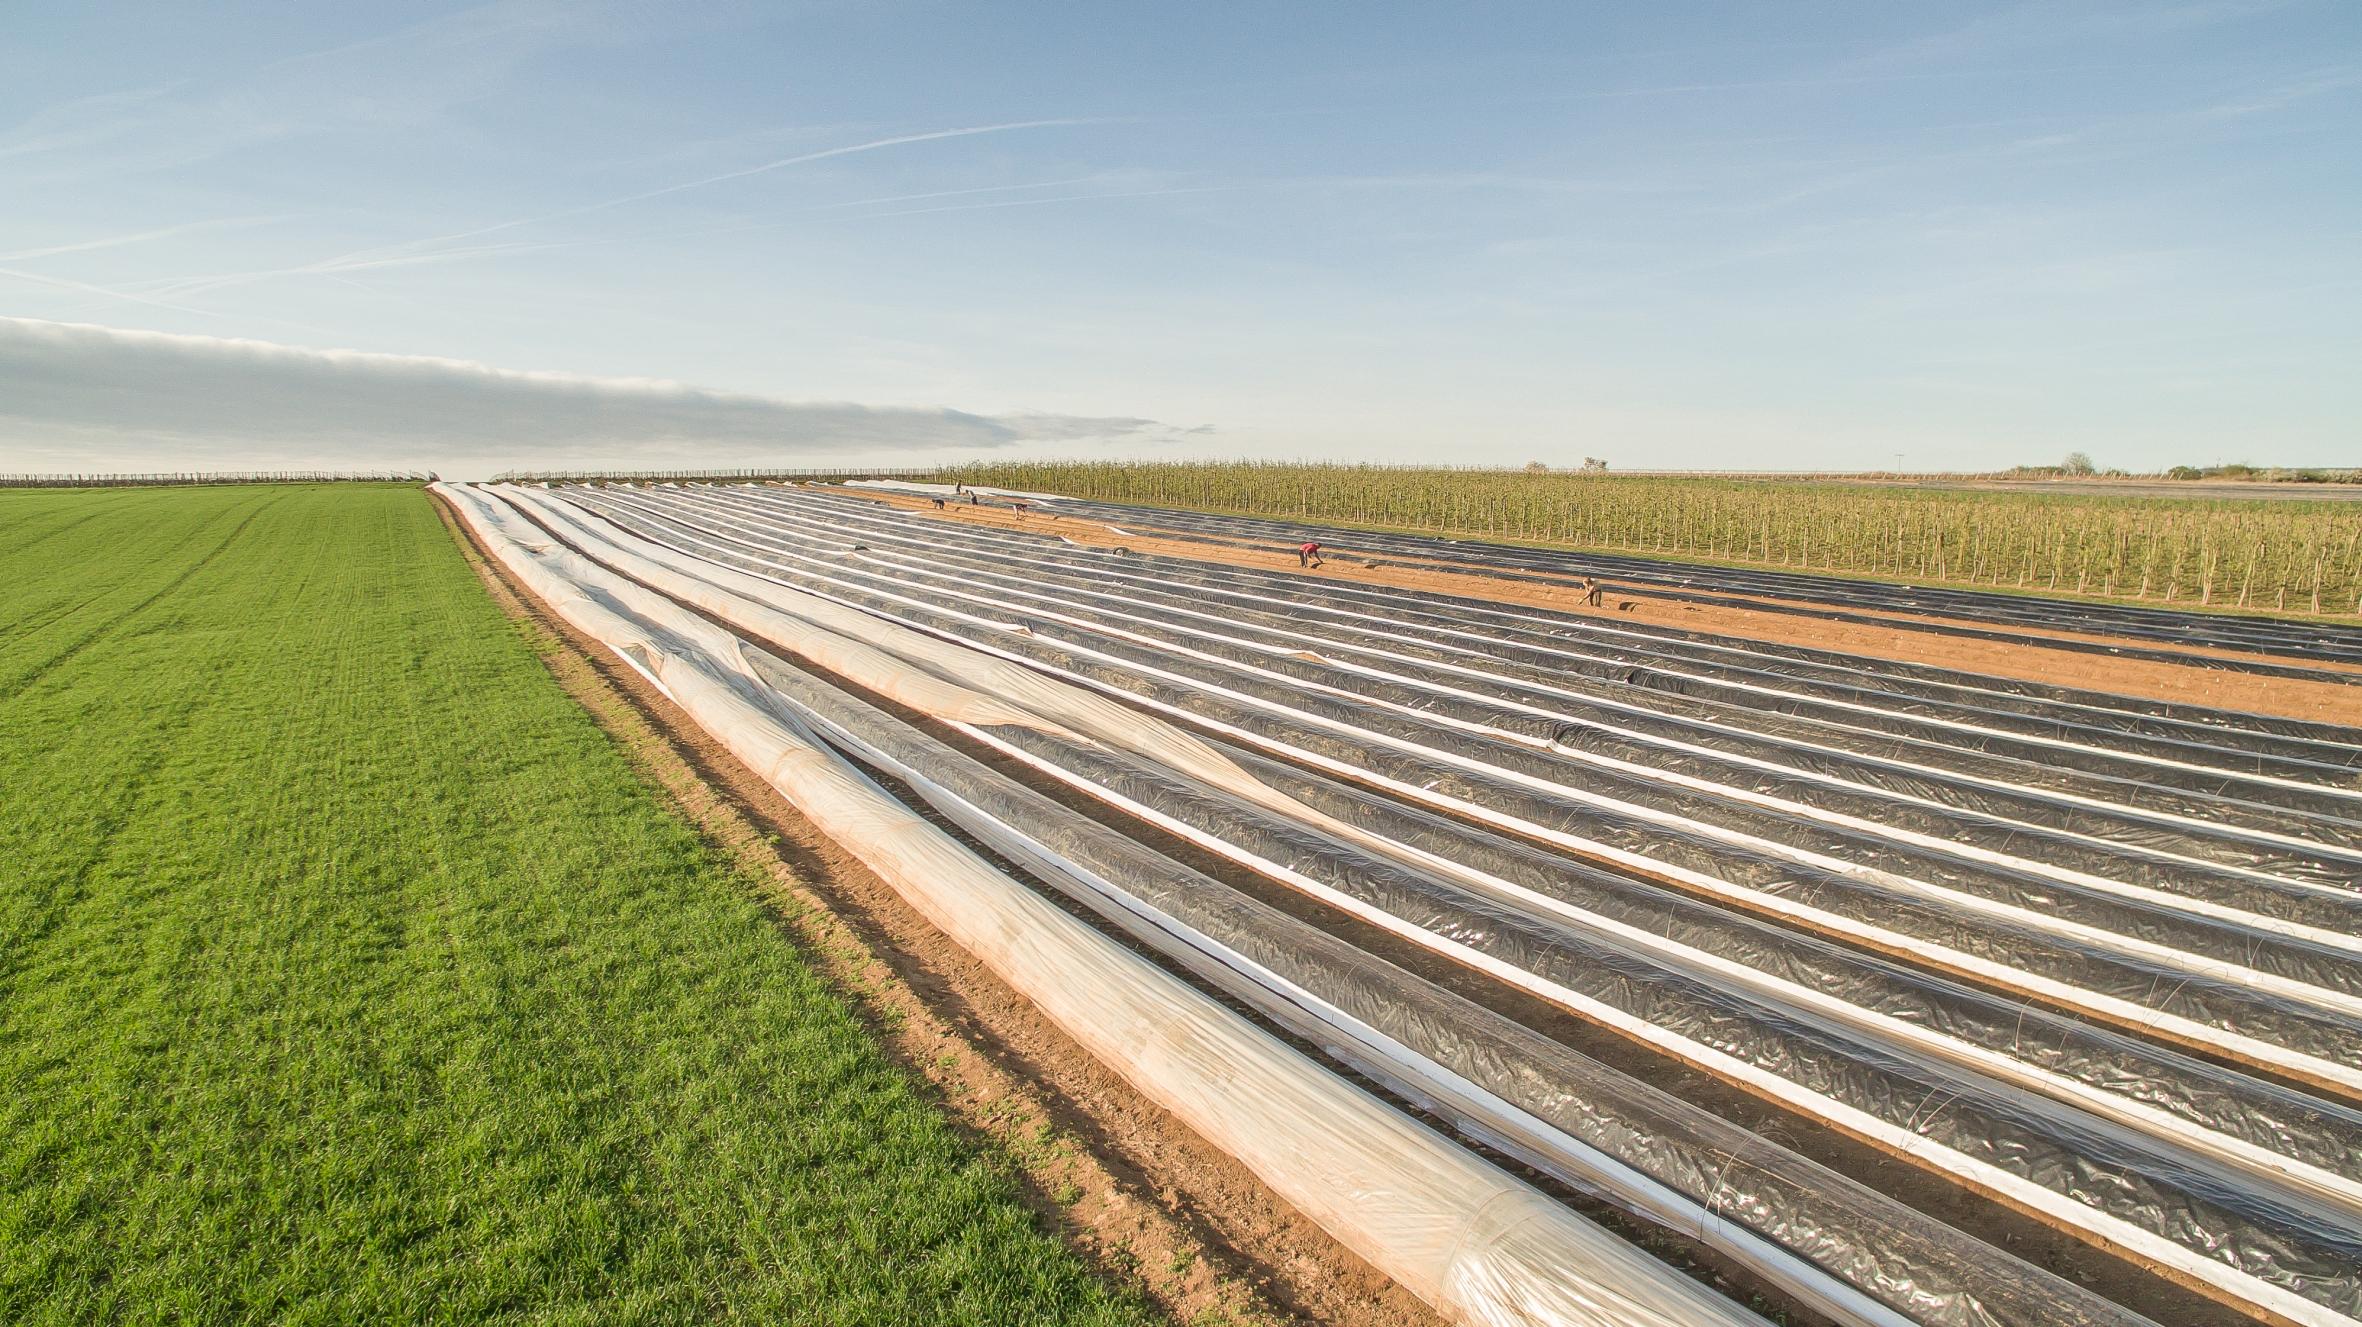 Weltwassertag: Wie Spargelanbauer die Feuchtigkeit im Boden halten